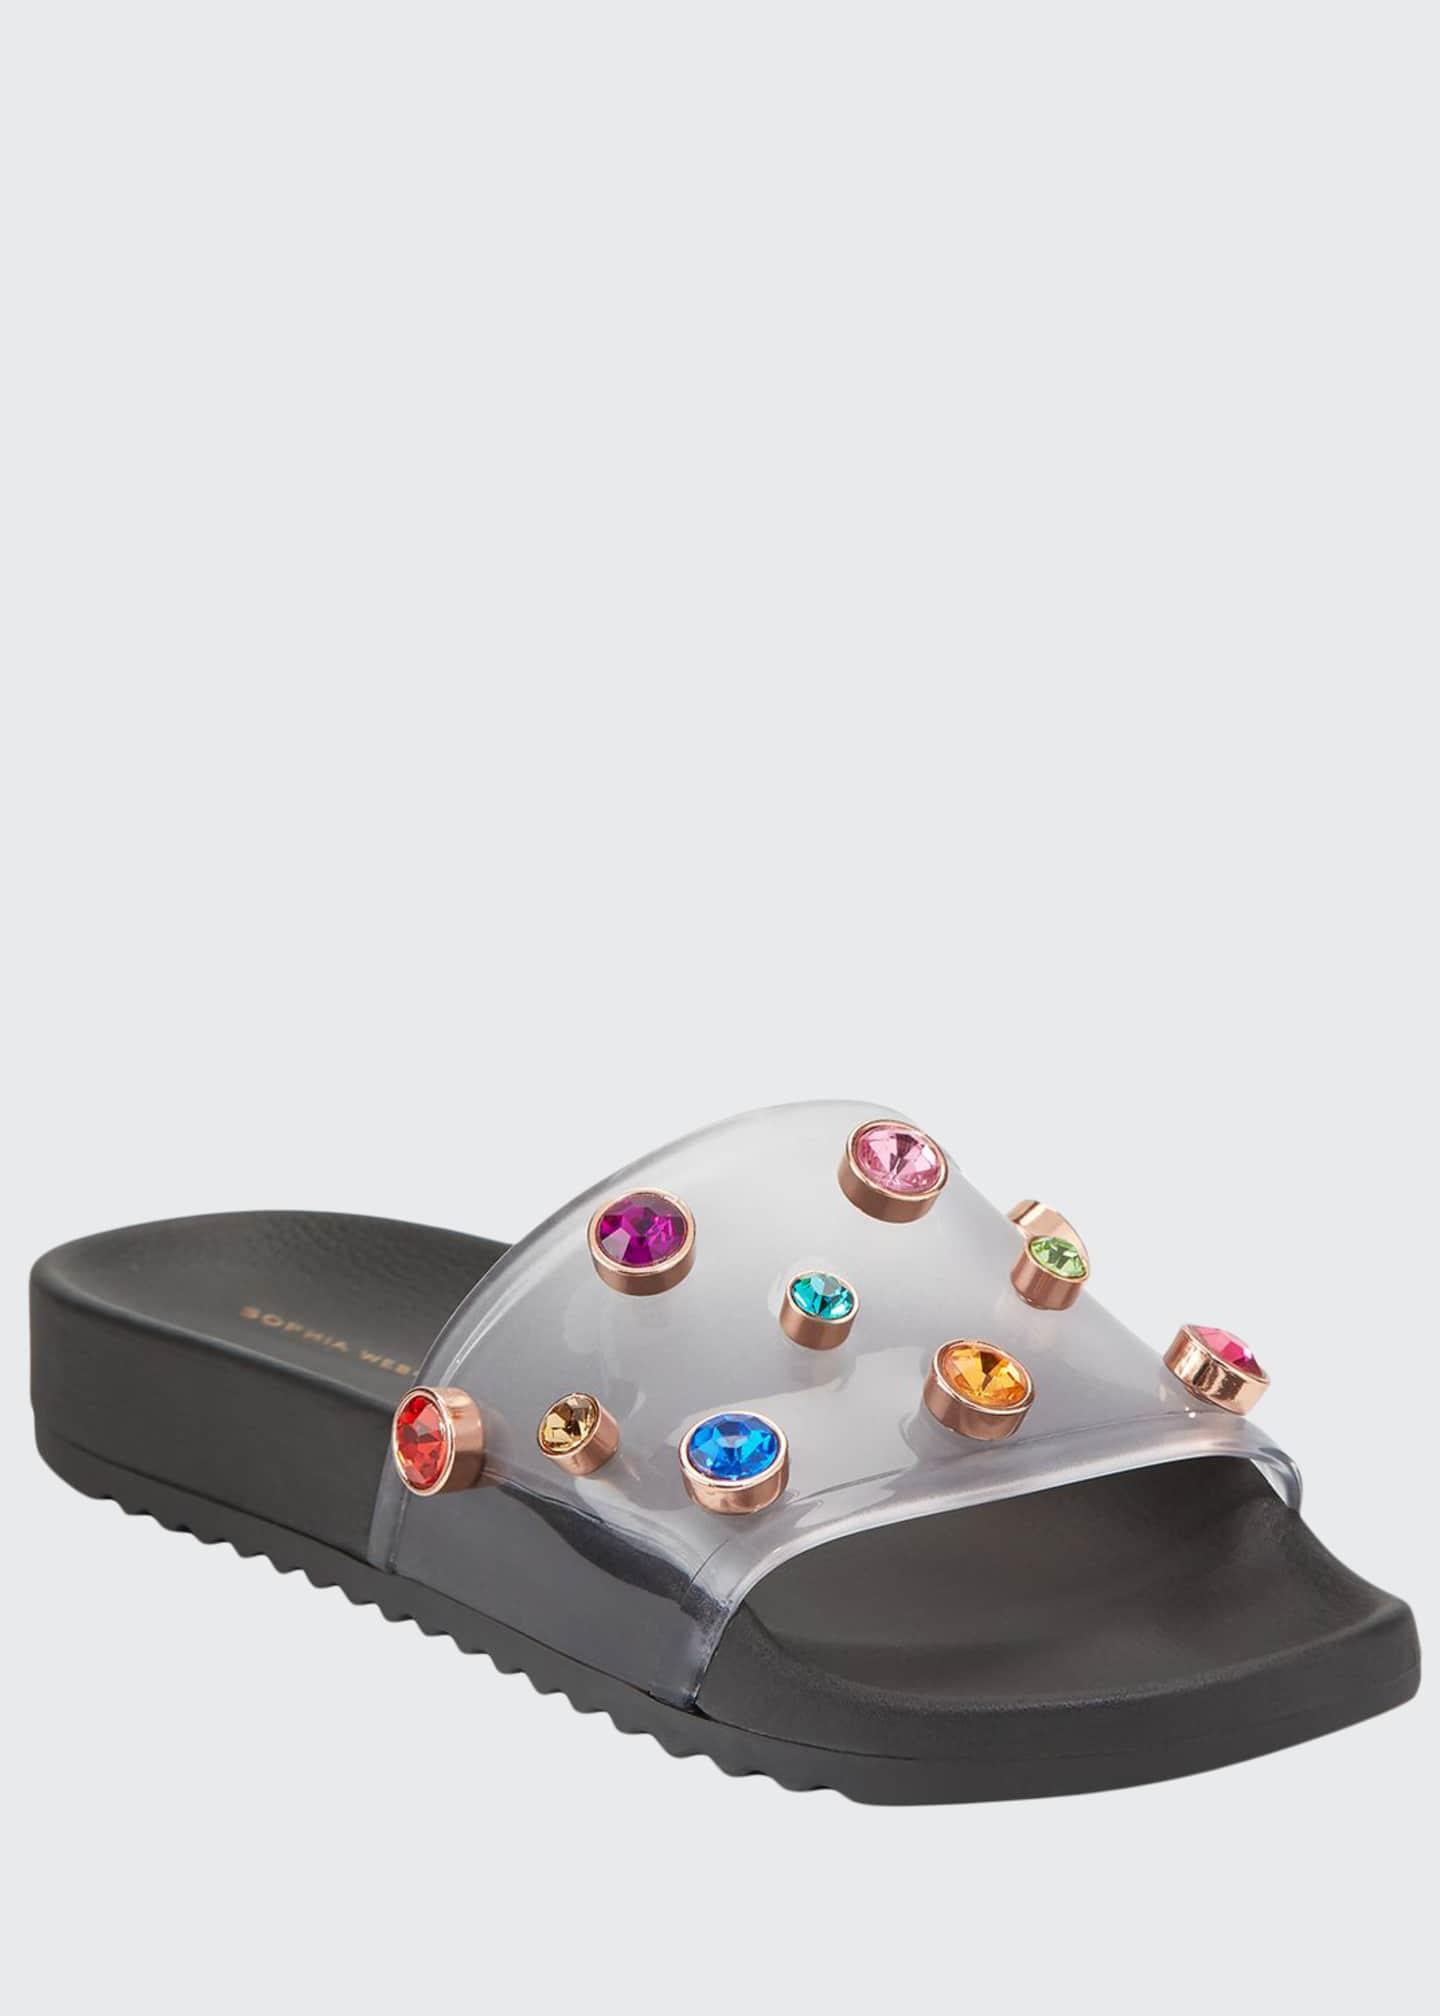 Sophia Webster Dina Flat Slide Pool Sandals, Black